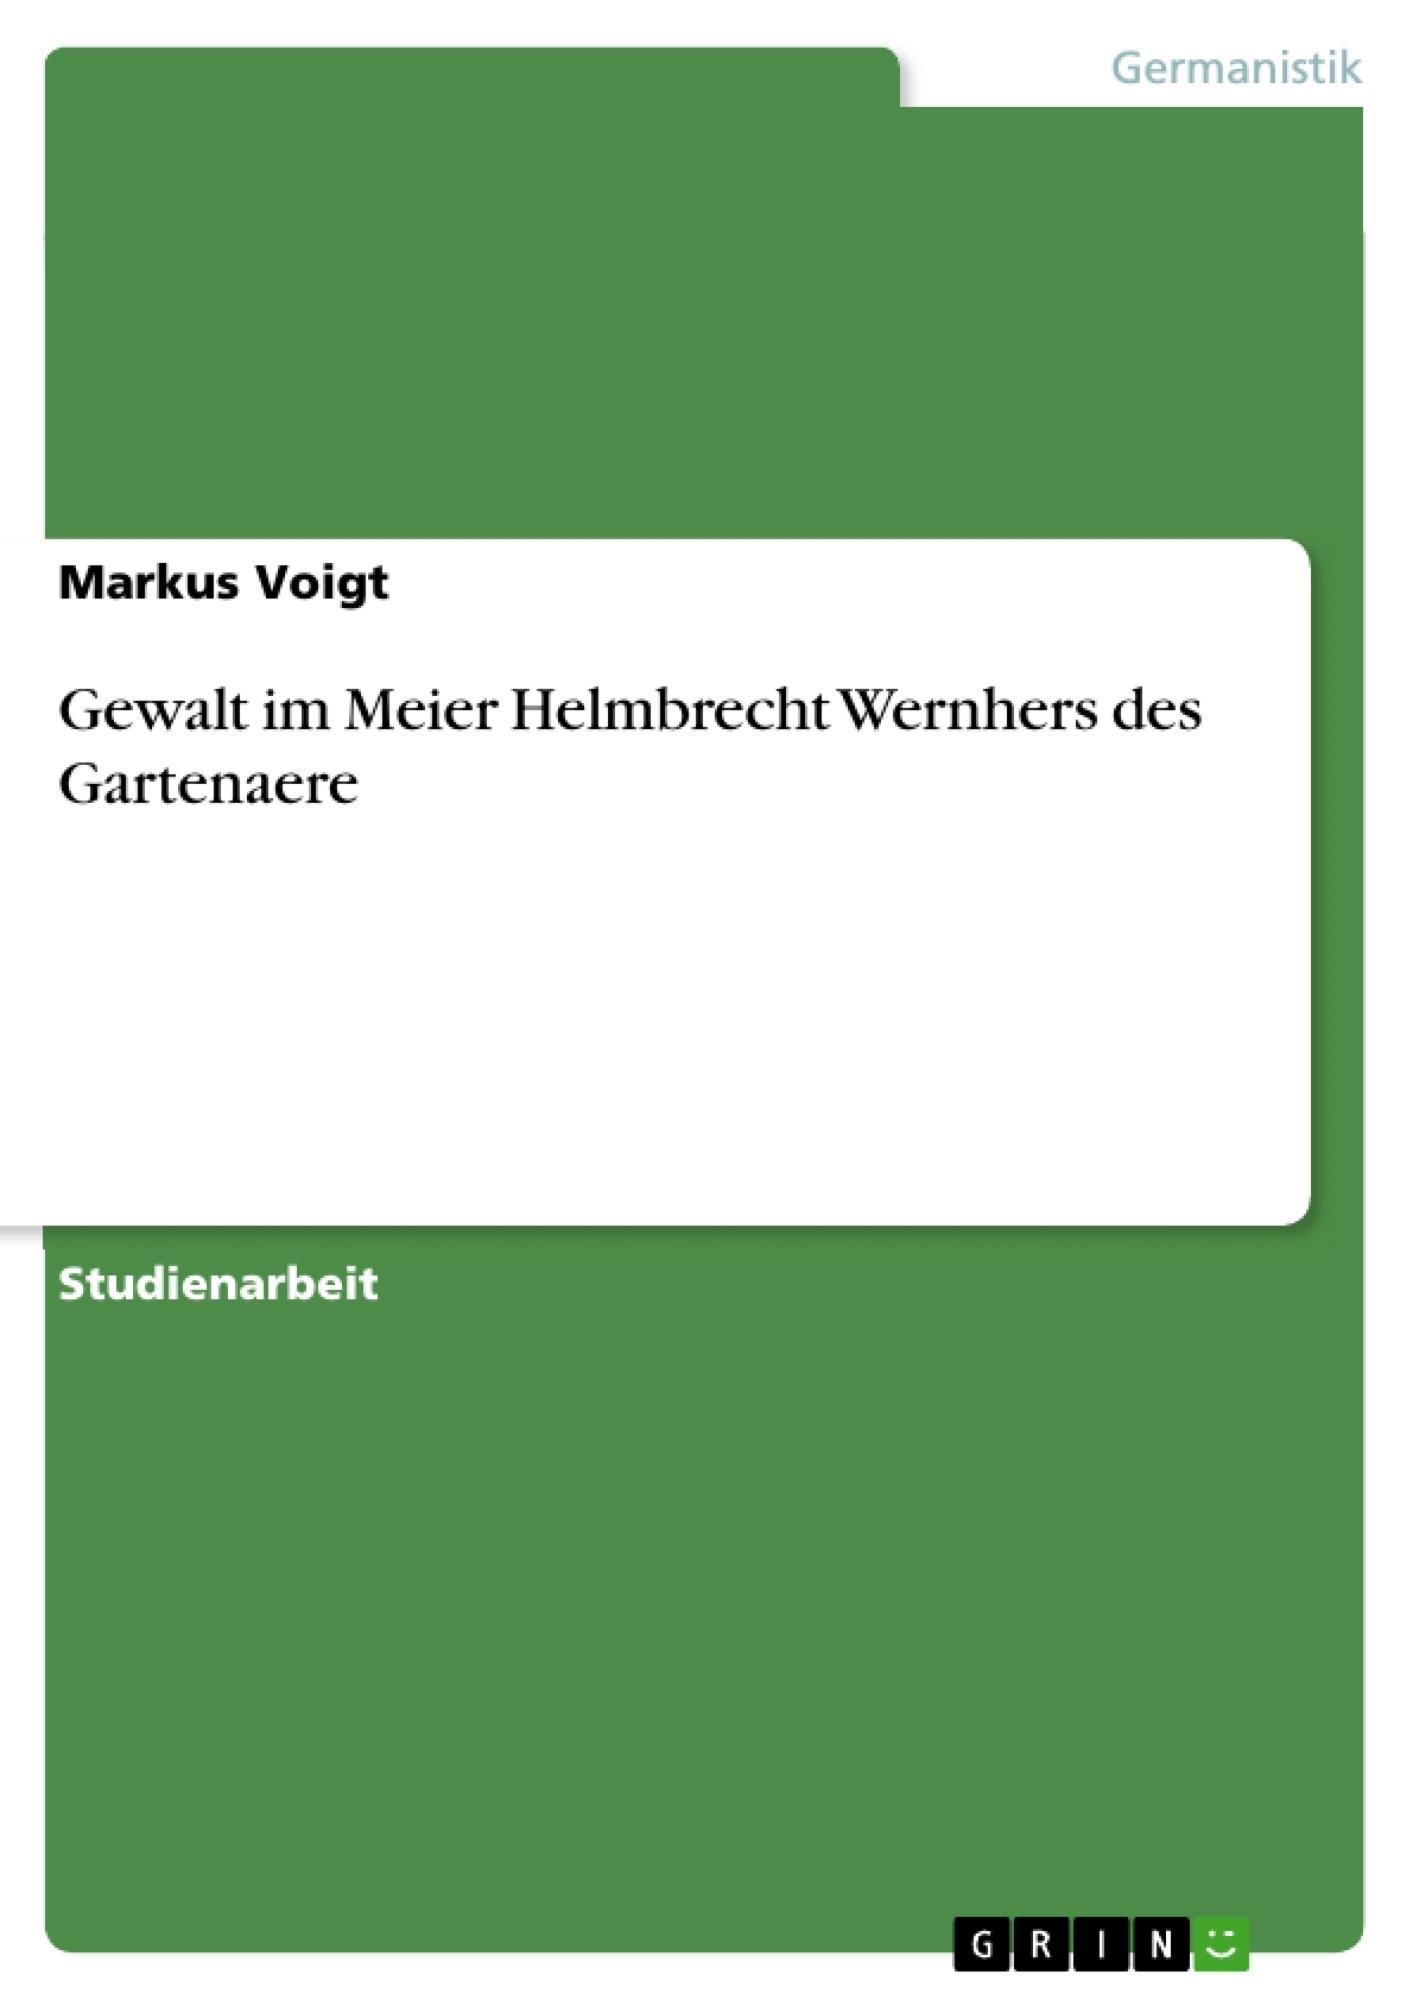 Titel: Gewalt im Meier Helmbrecht Wernhers des Gartenaere